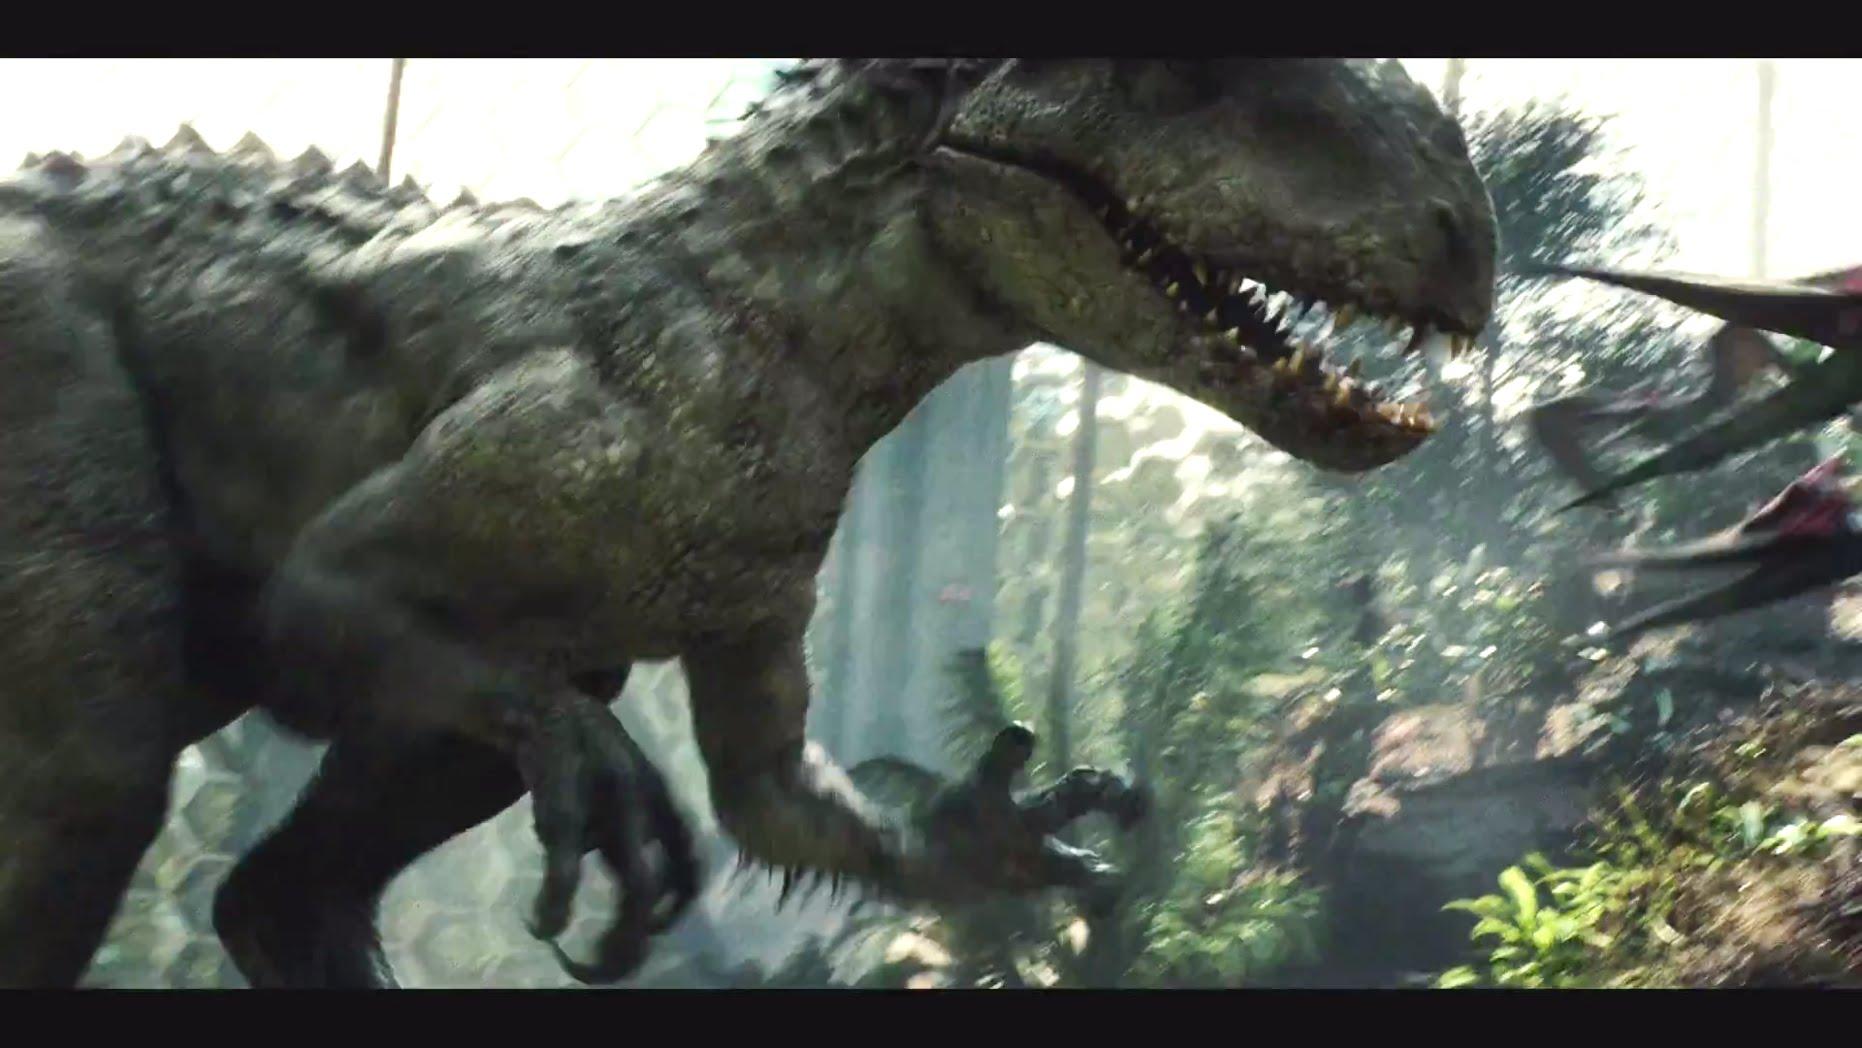 Jurassic World T Rex Wallpaper - Jurassic World - HD Wallpaper